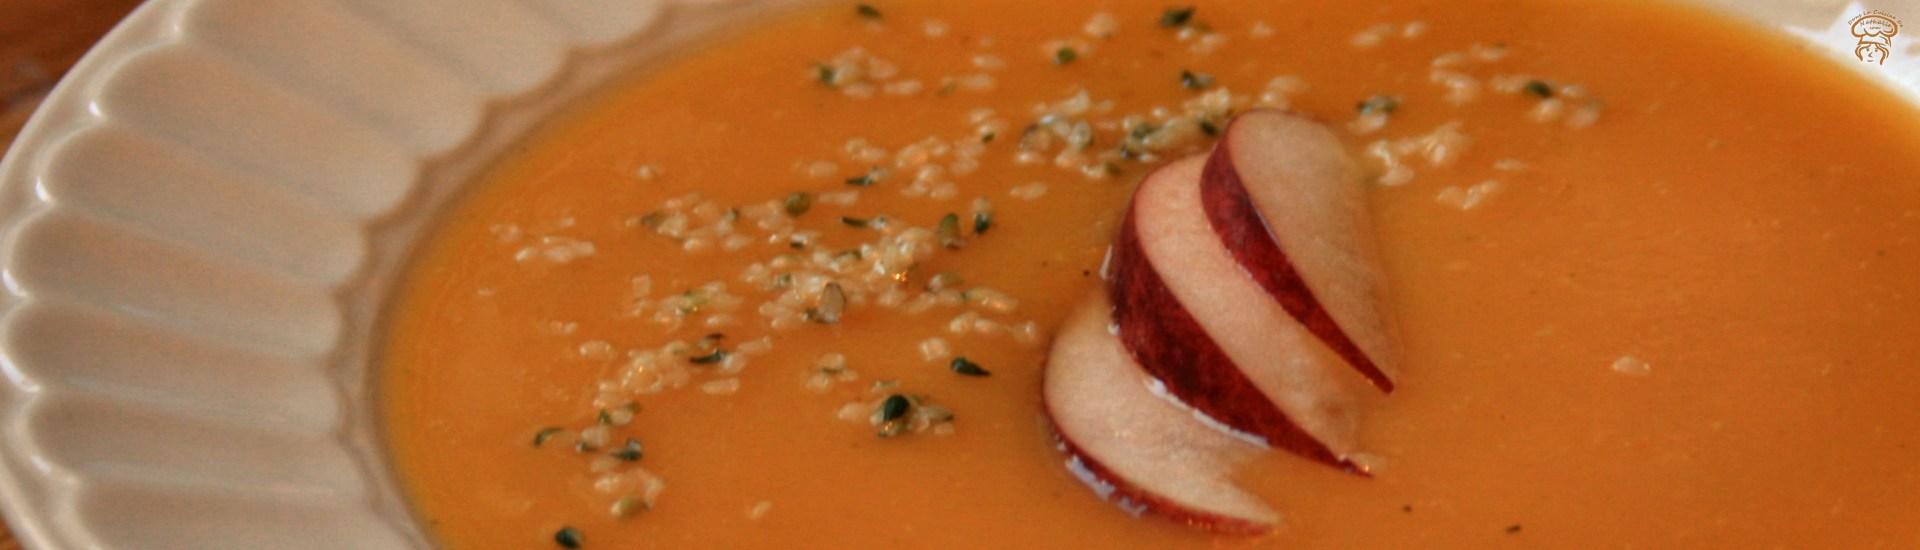 Potage de courge butternut et pommes à l'érable